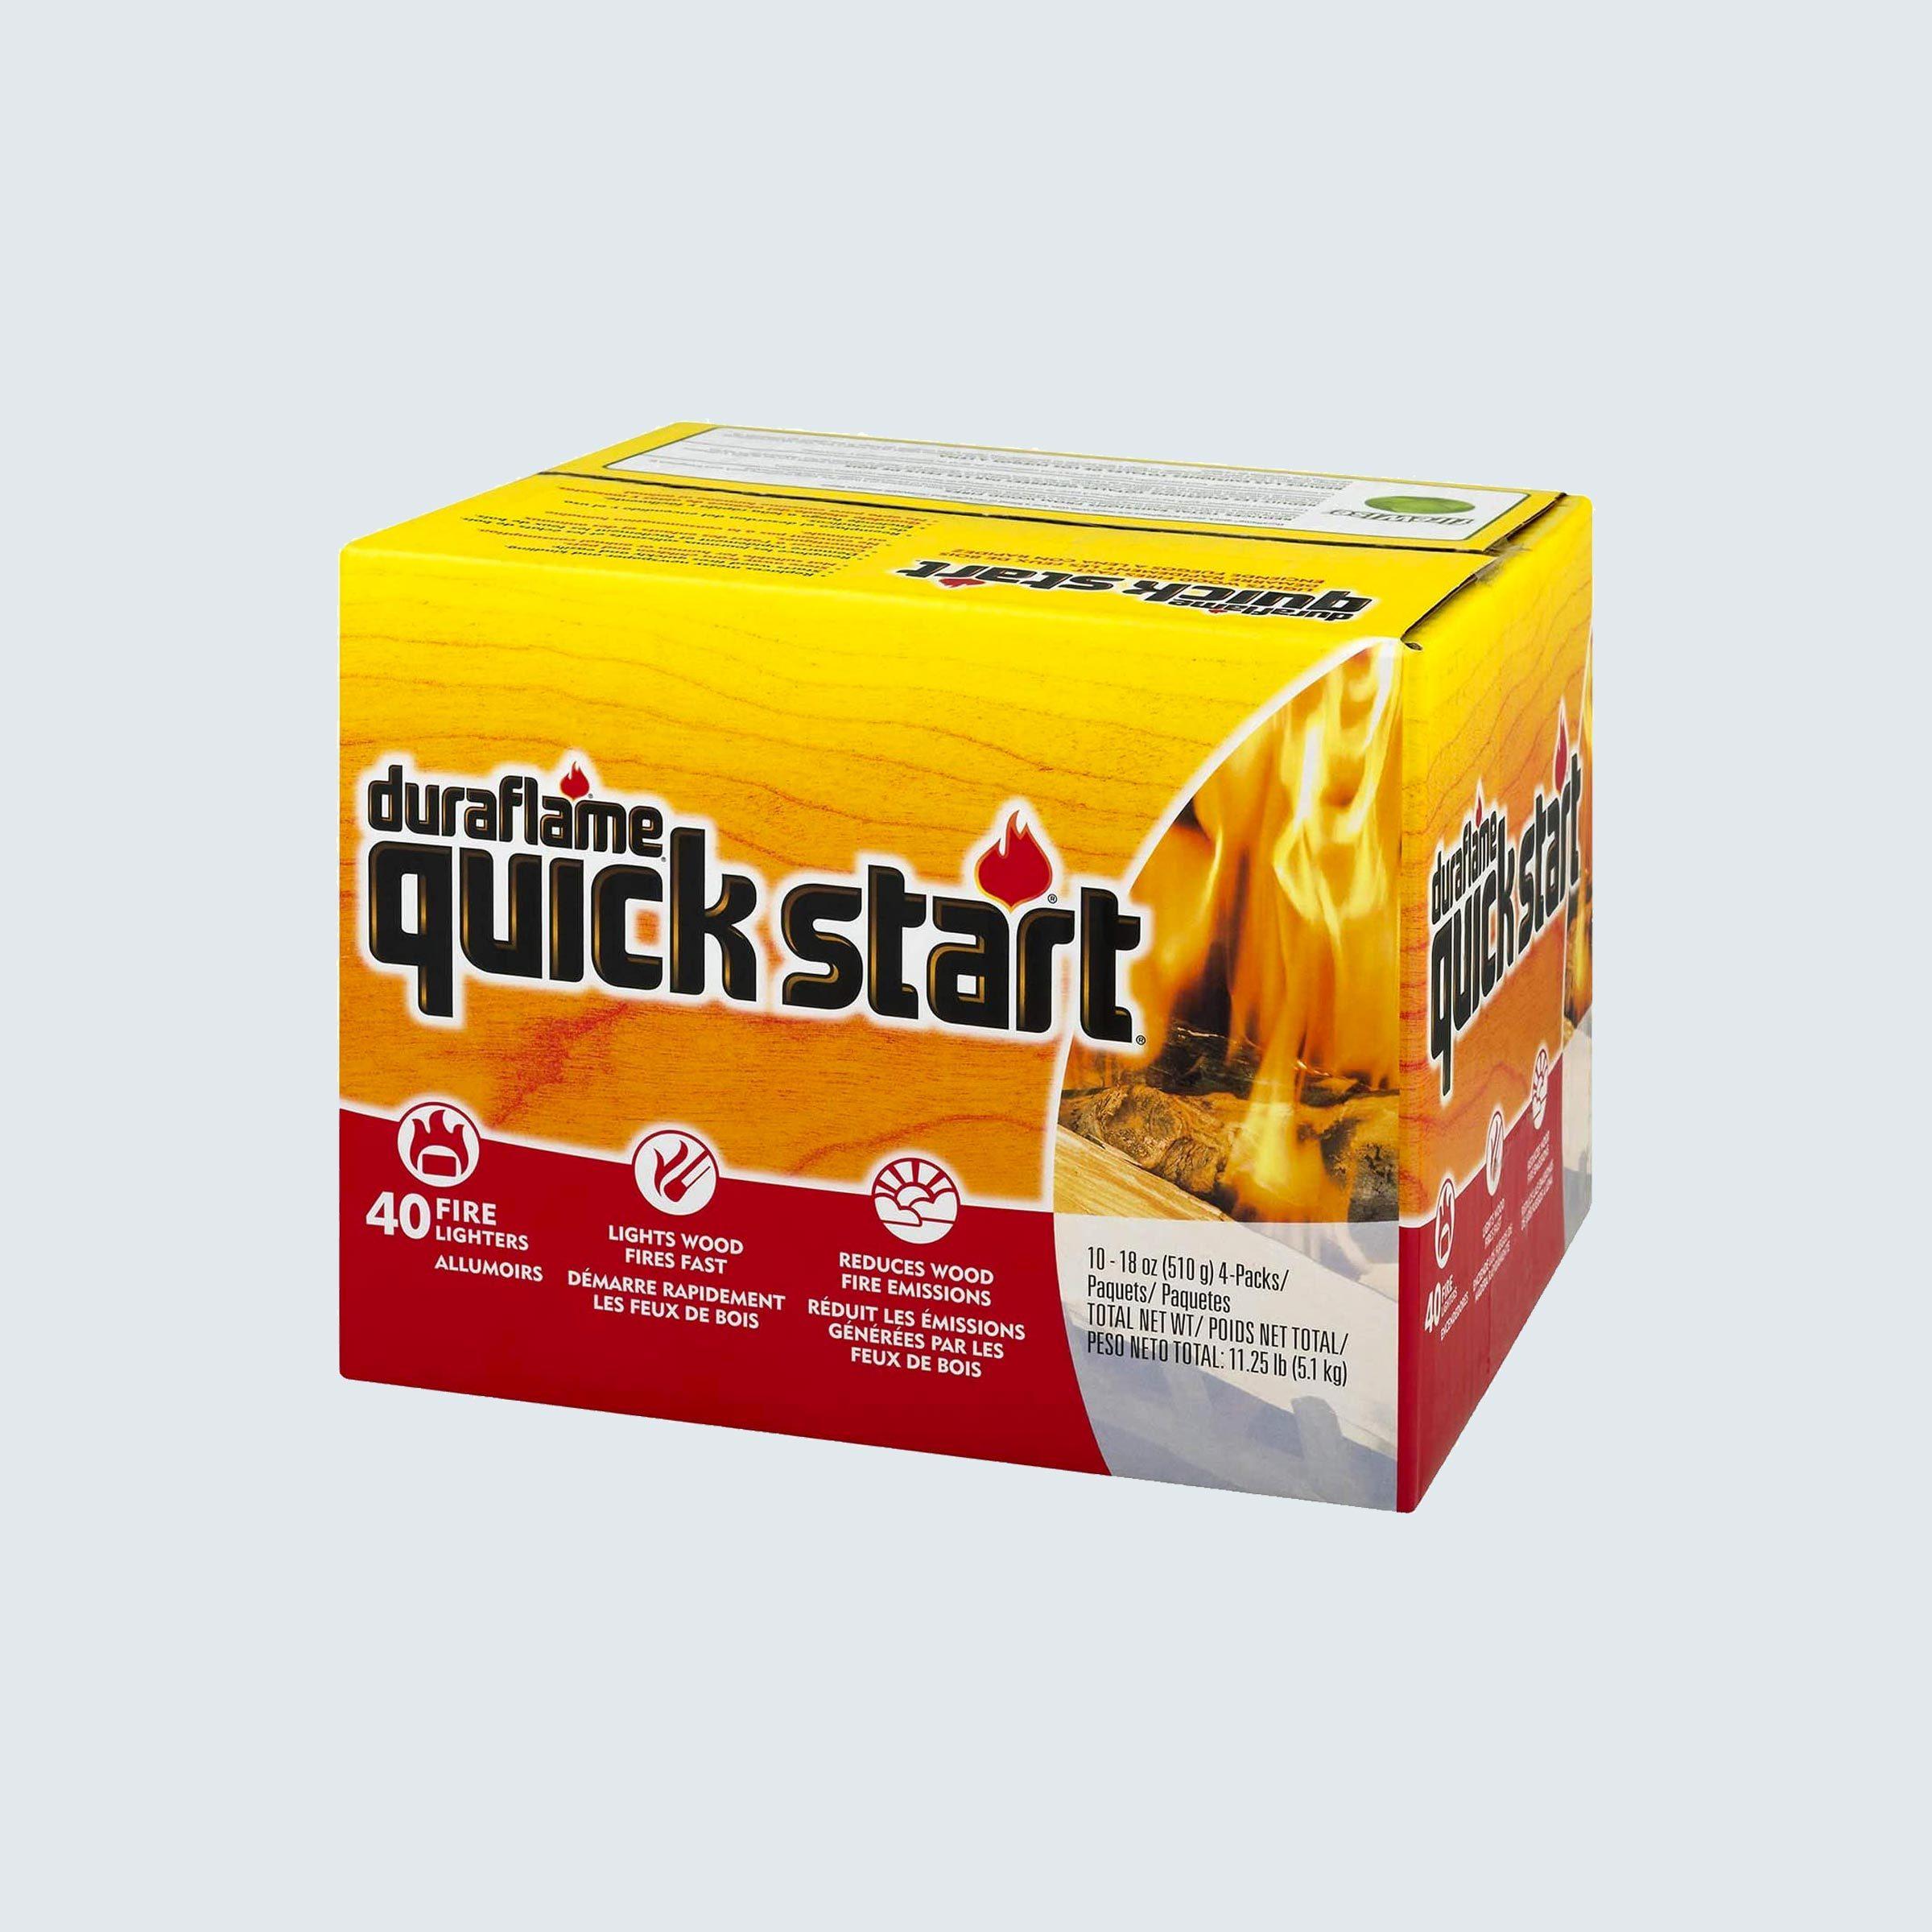 DuraflameQuick Start Firelighters